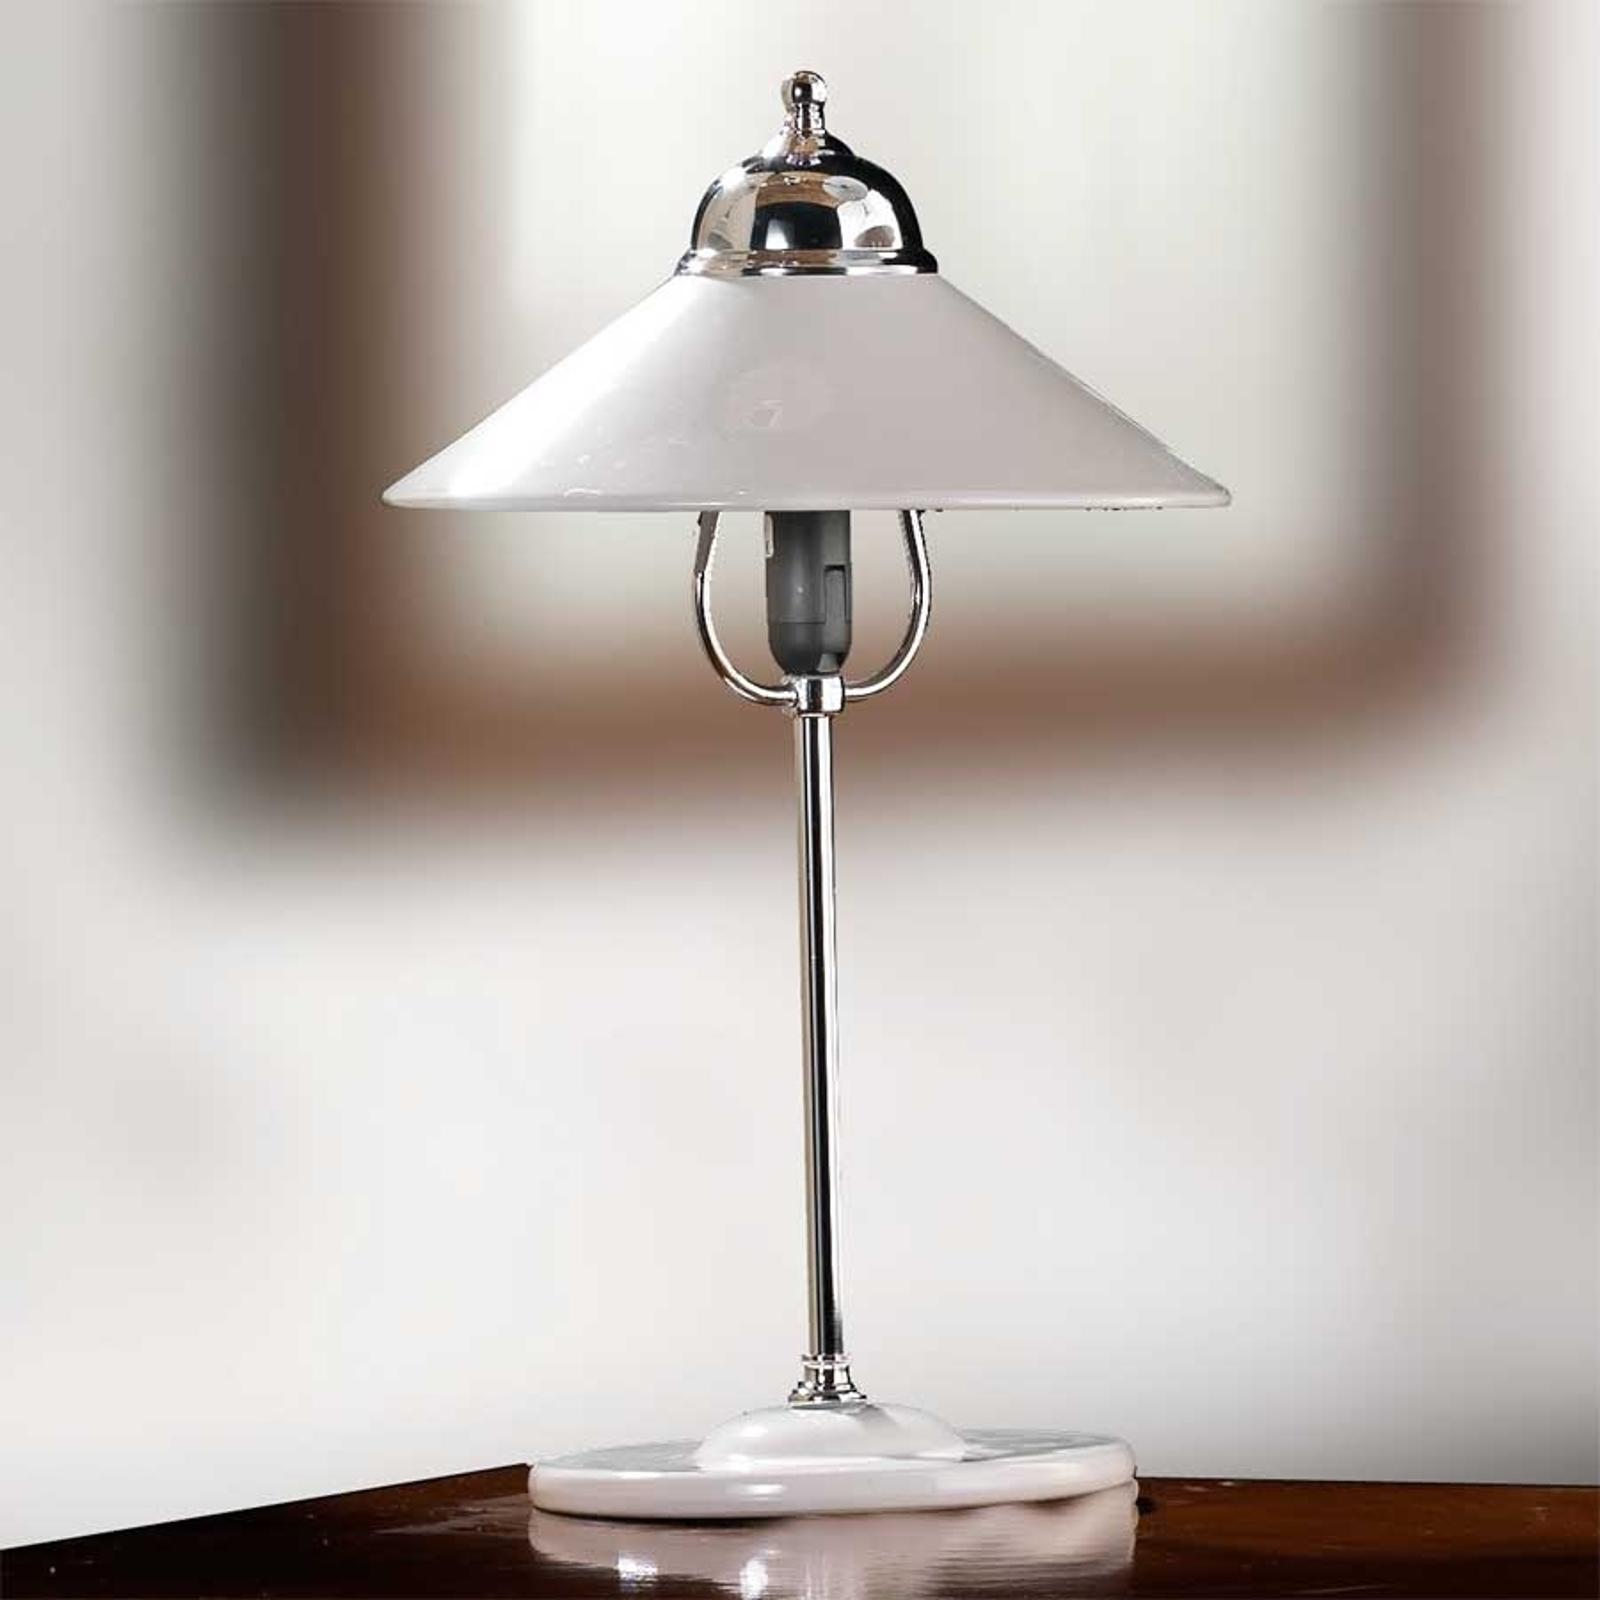 Stolná lampa GIACOMO s keramickým tienidlom_2013096_1